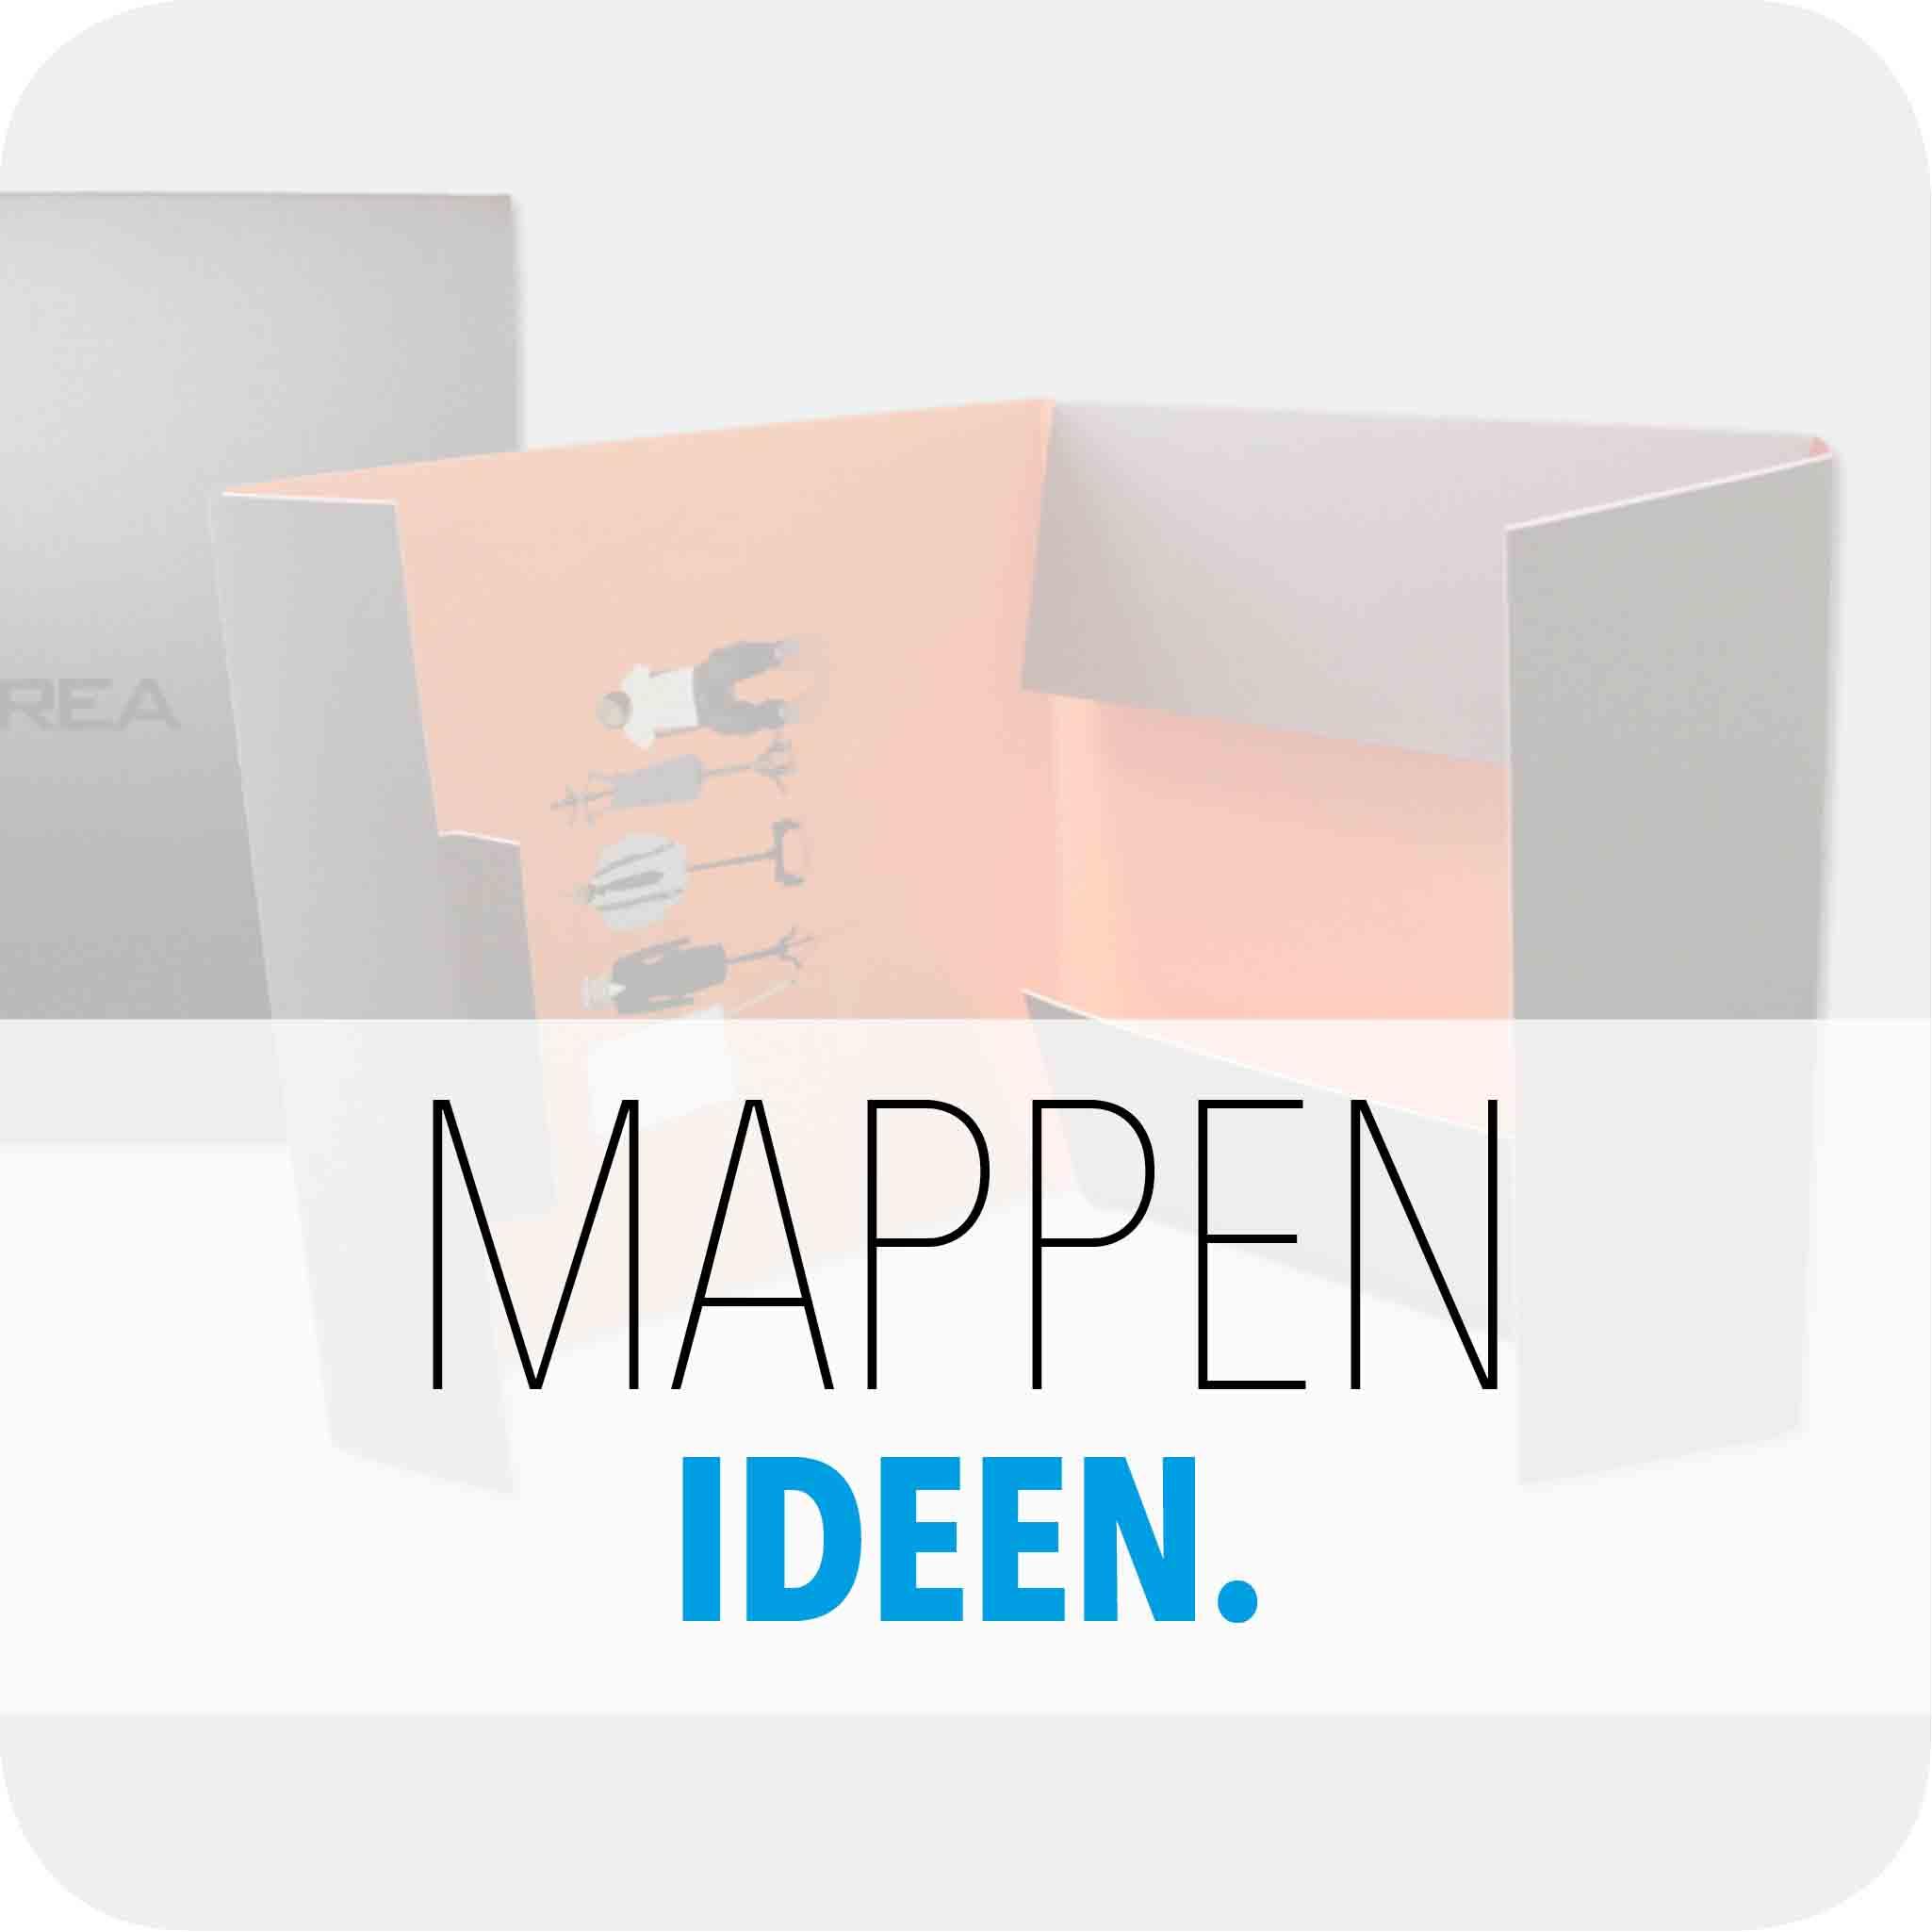 MAPPEN-IDEEN